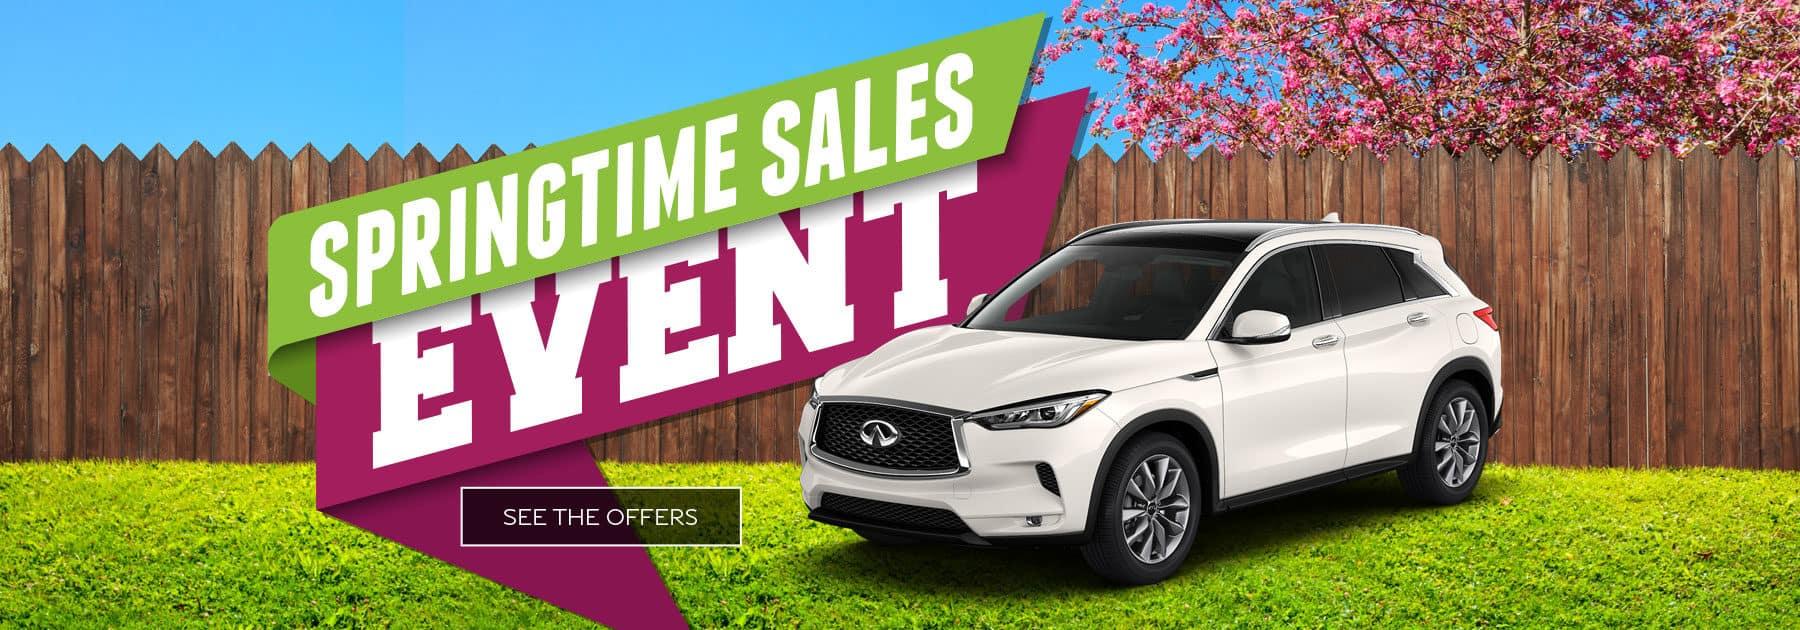 SDInf-hl-DI-springtime-sales-event-4-21-main